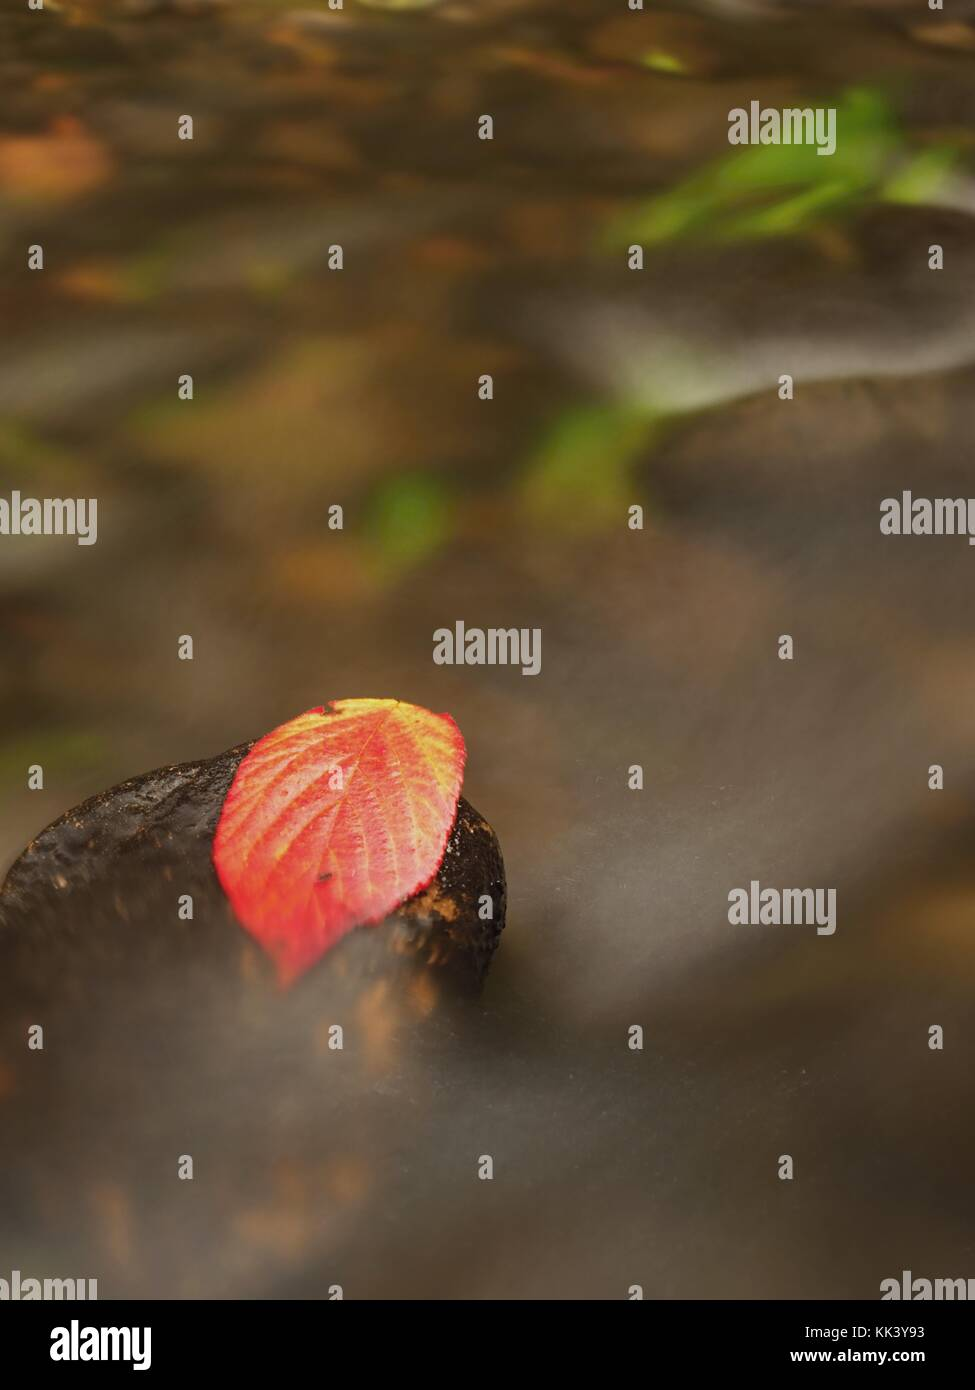 Spinoso di foglia di lampone catturati sulla roccia umida. A lascia intrappolati nel bel mezzo di un torrente di Immagini Stock